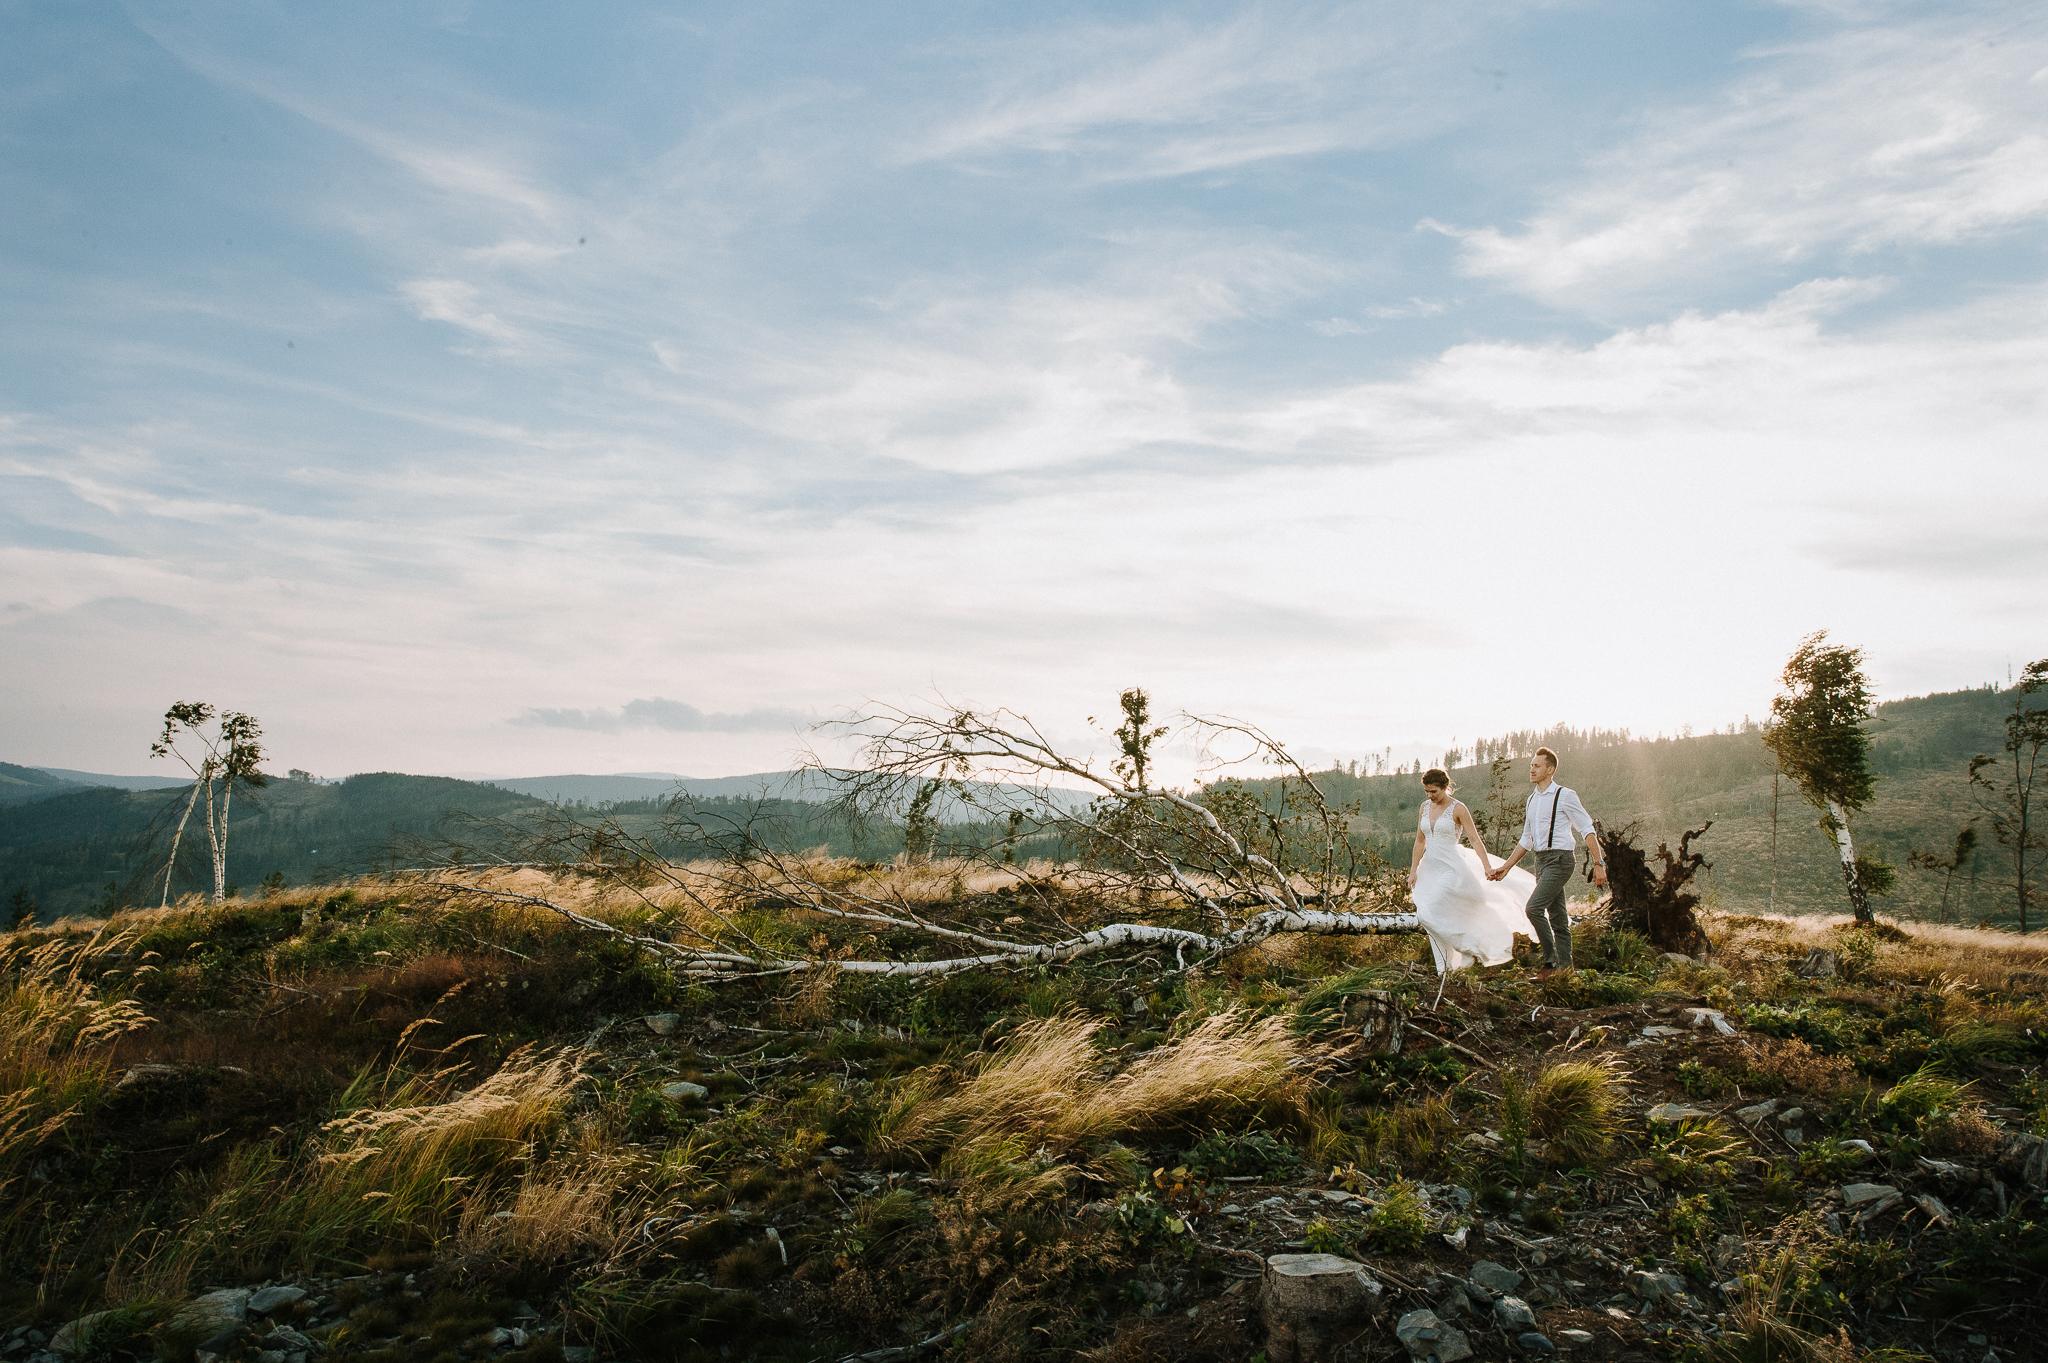 Sesja poślubna na Koronie Gór Polskich - Wiatr we włosach… dwoje zakochanych w sobie ludzi i niezapomniane warunki pogodowe w objęciach opolskich krajobrazów.